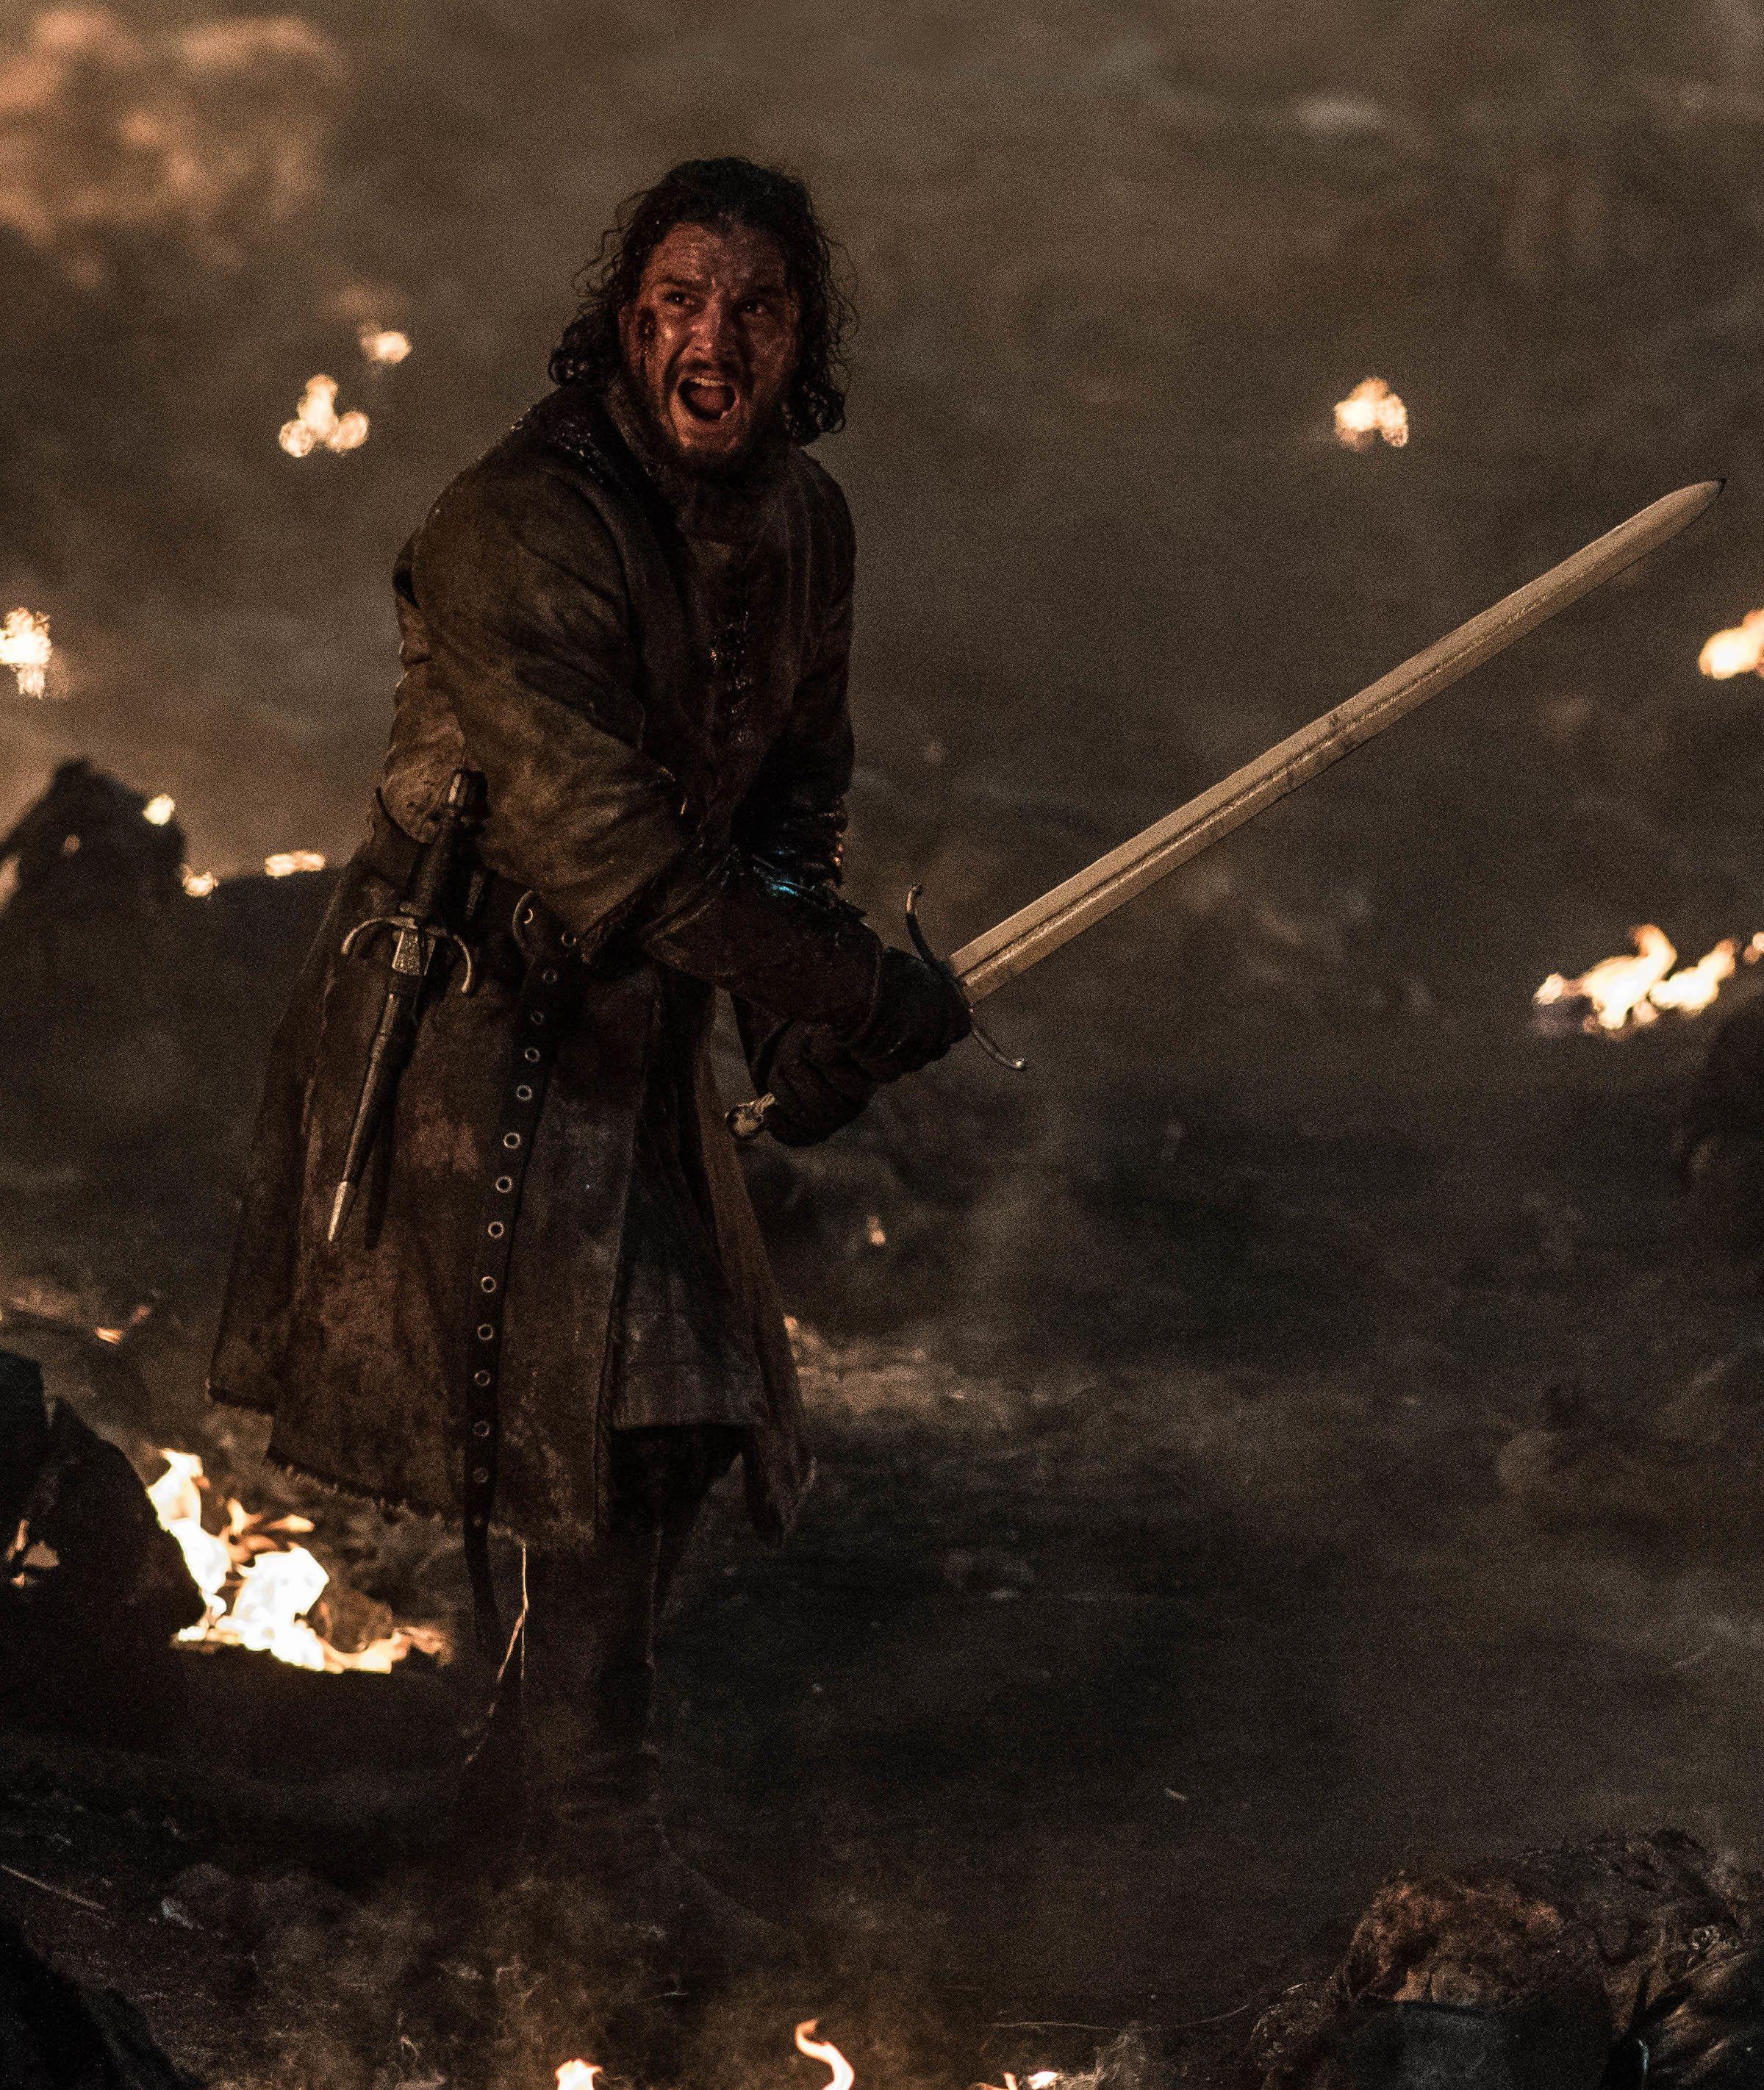 arya kills the night king